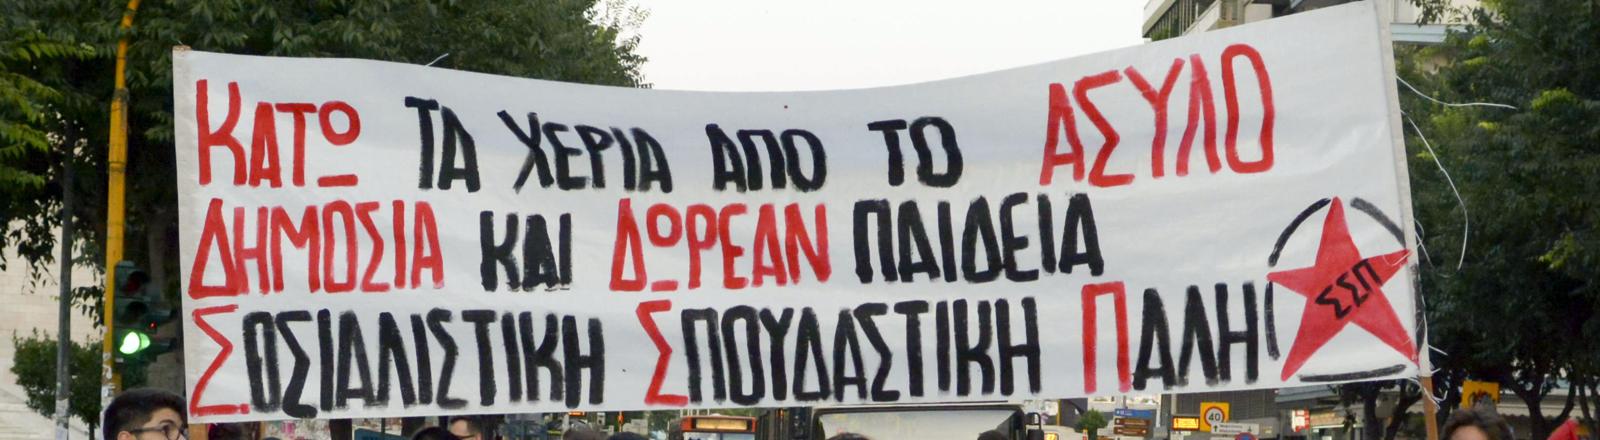 Studierende protestiren am 7. Juli 2019 in Athen gegen die geplante Abschaffung des Universitätsasyls